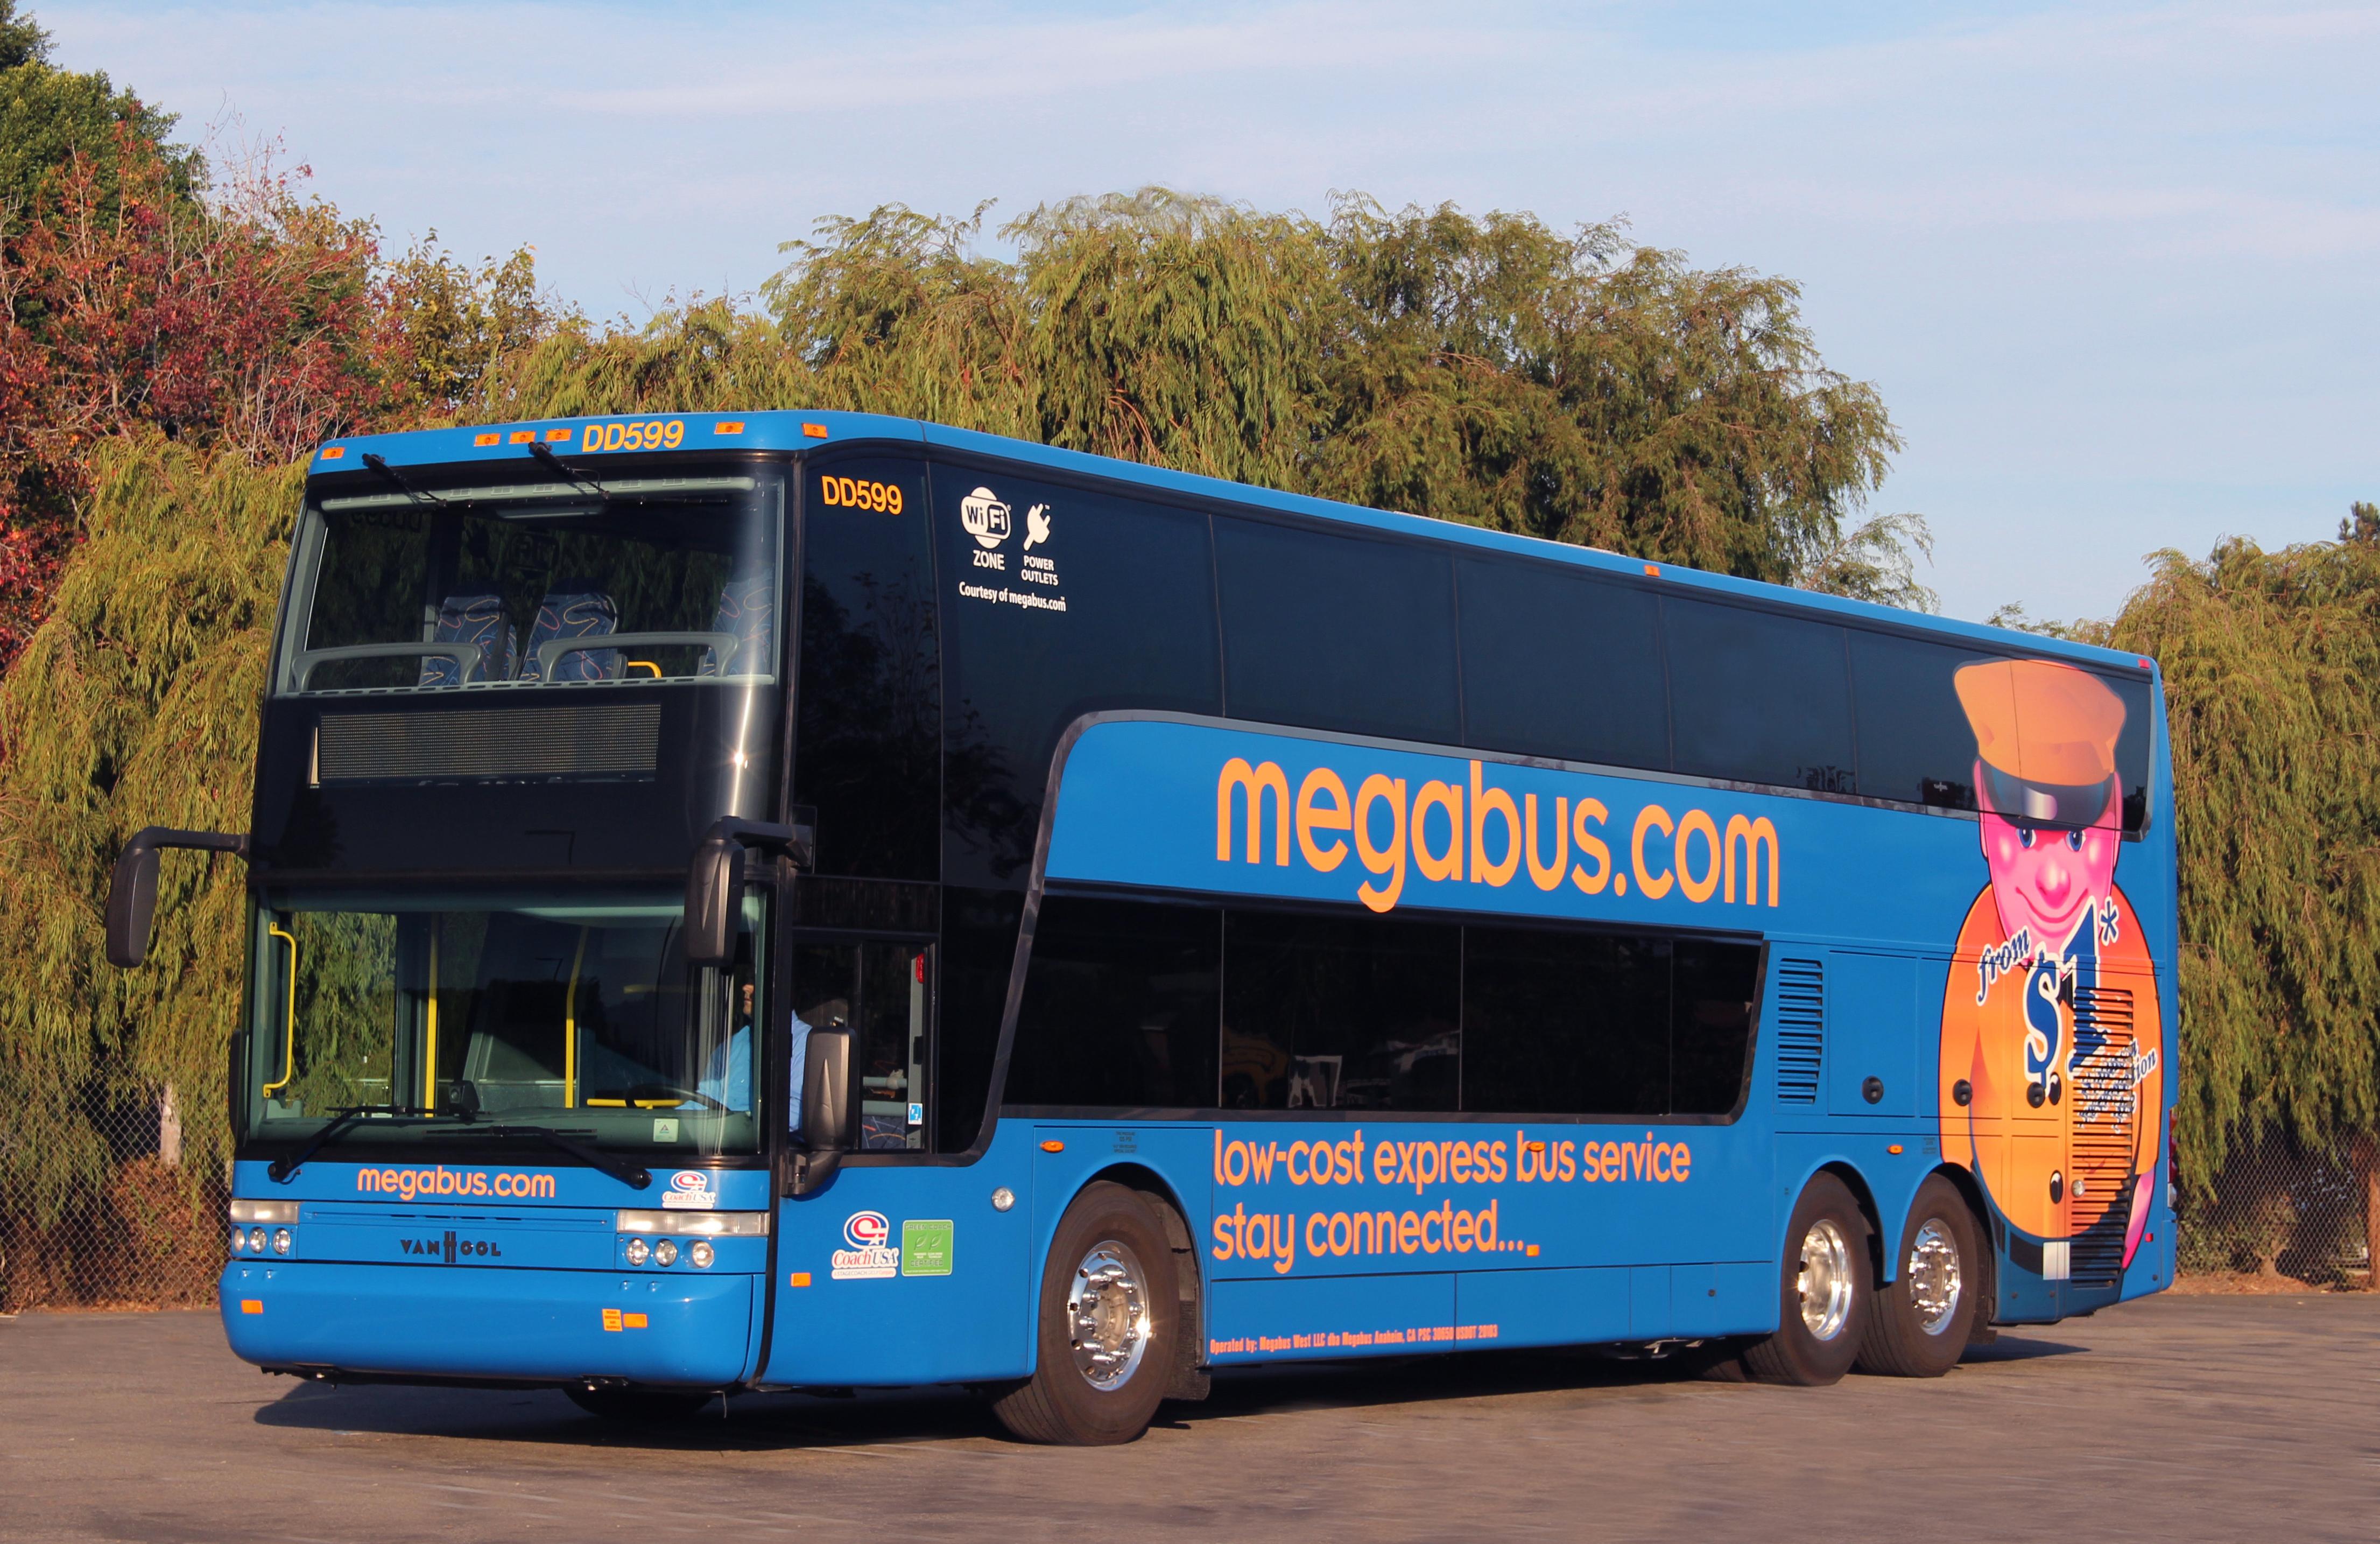 Megabus, la compagnia di viaggi in autobus low cost arriva anche in Italia: prezzi per tutta Europa a partire da 1 euro